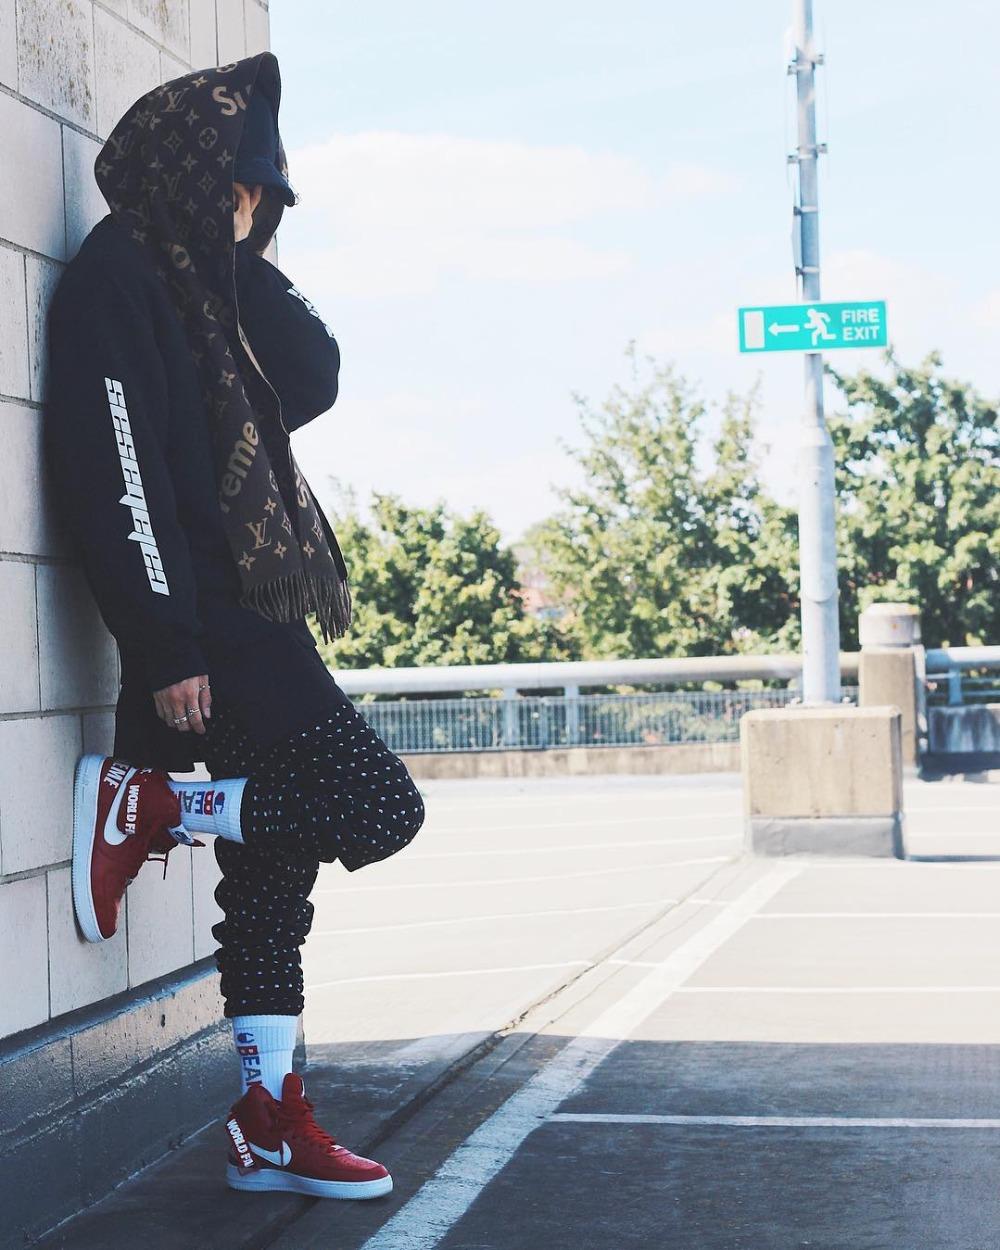 b0b9c51baf4 HIPFANDI 2019 New Justin Bieber Style Hiphop Fashion Casual Cotton ...